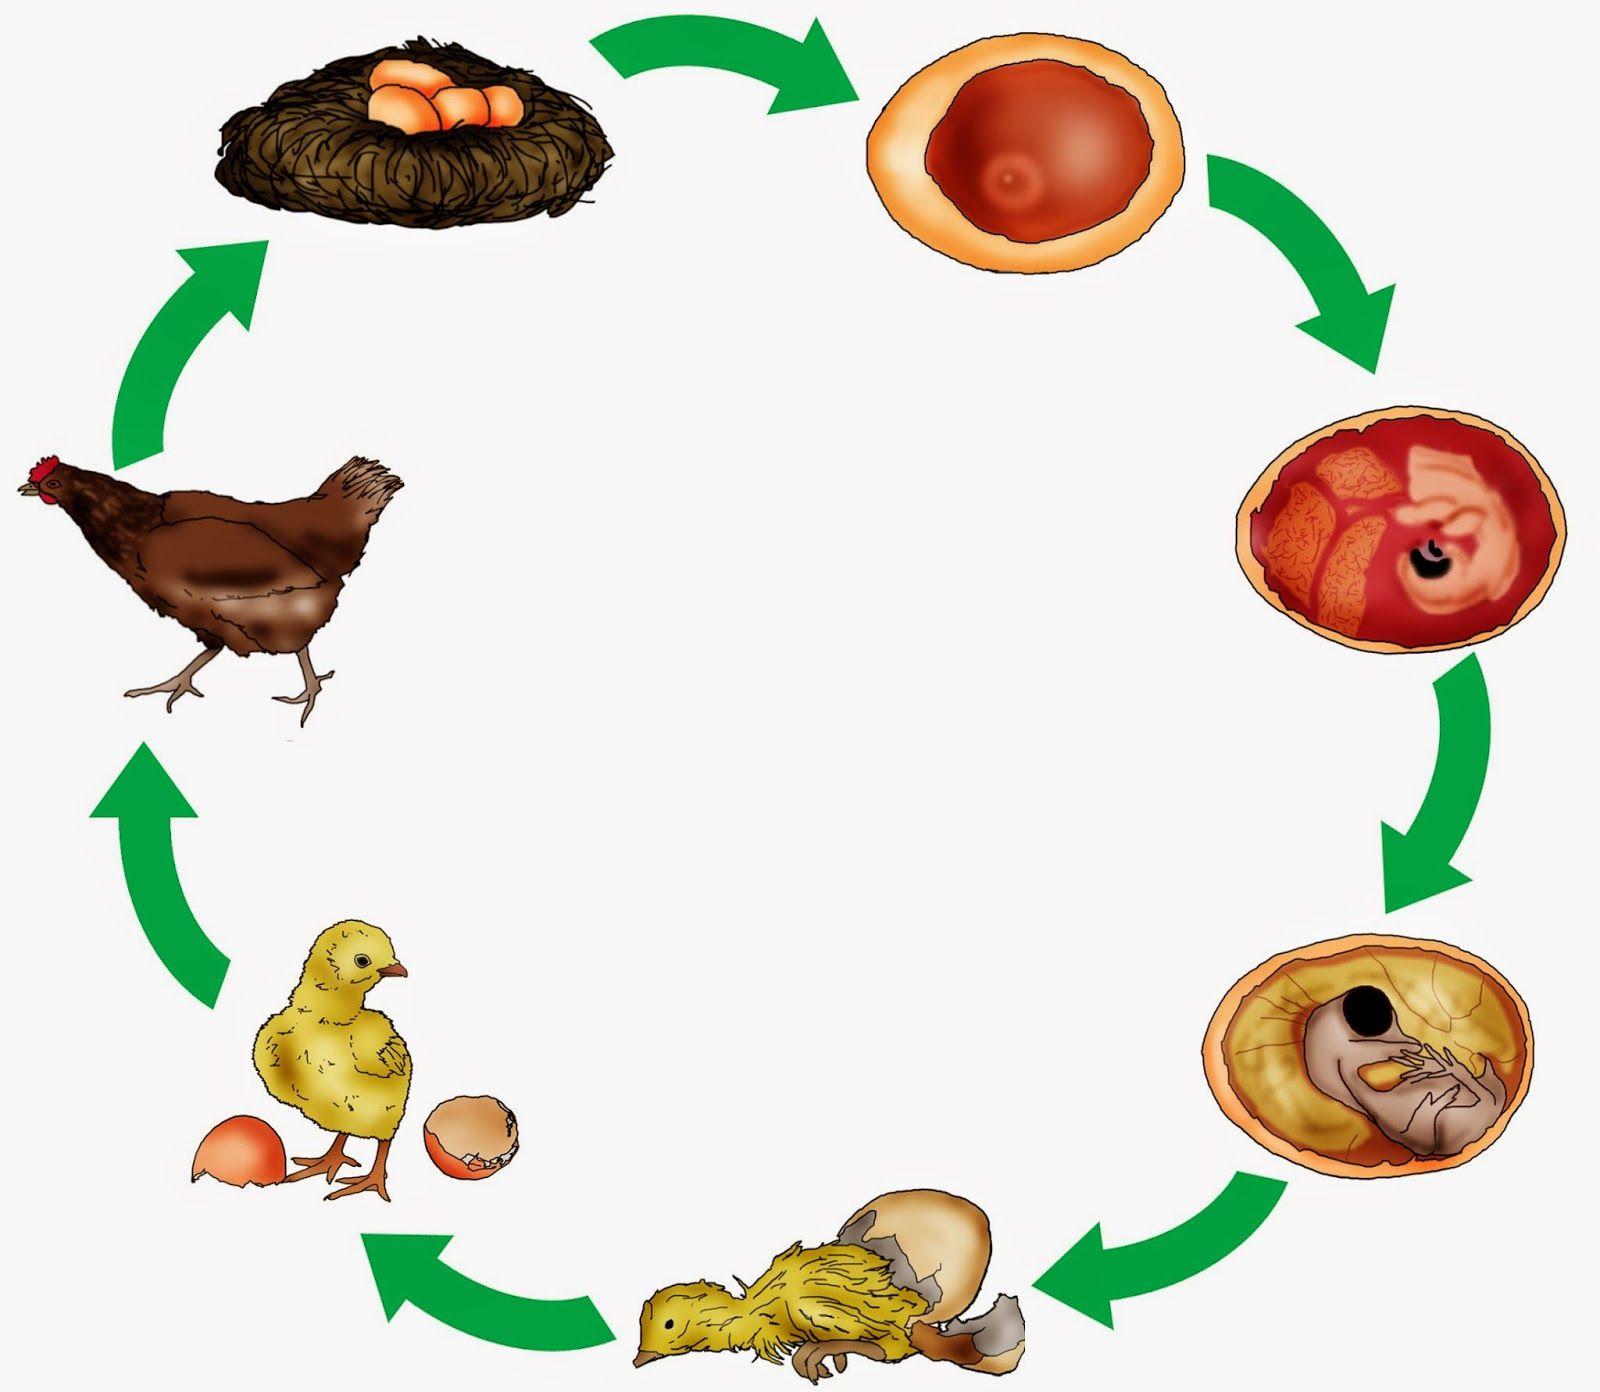 krabbelwiese: Huhn und Ei | Animal / Животные | Pinterest ...